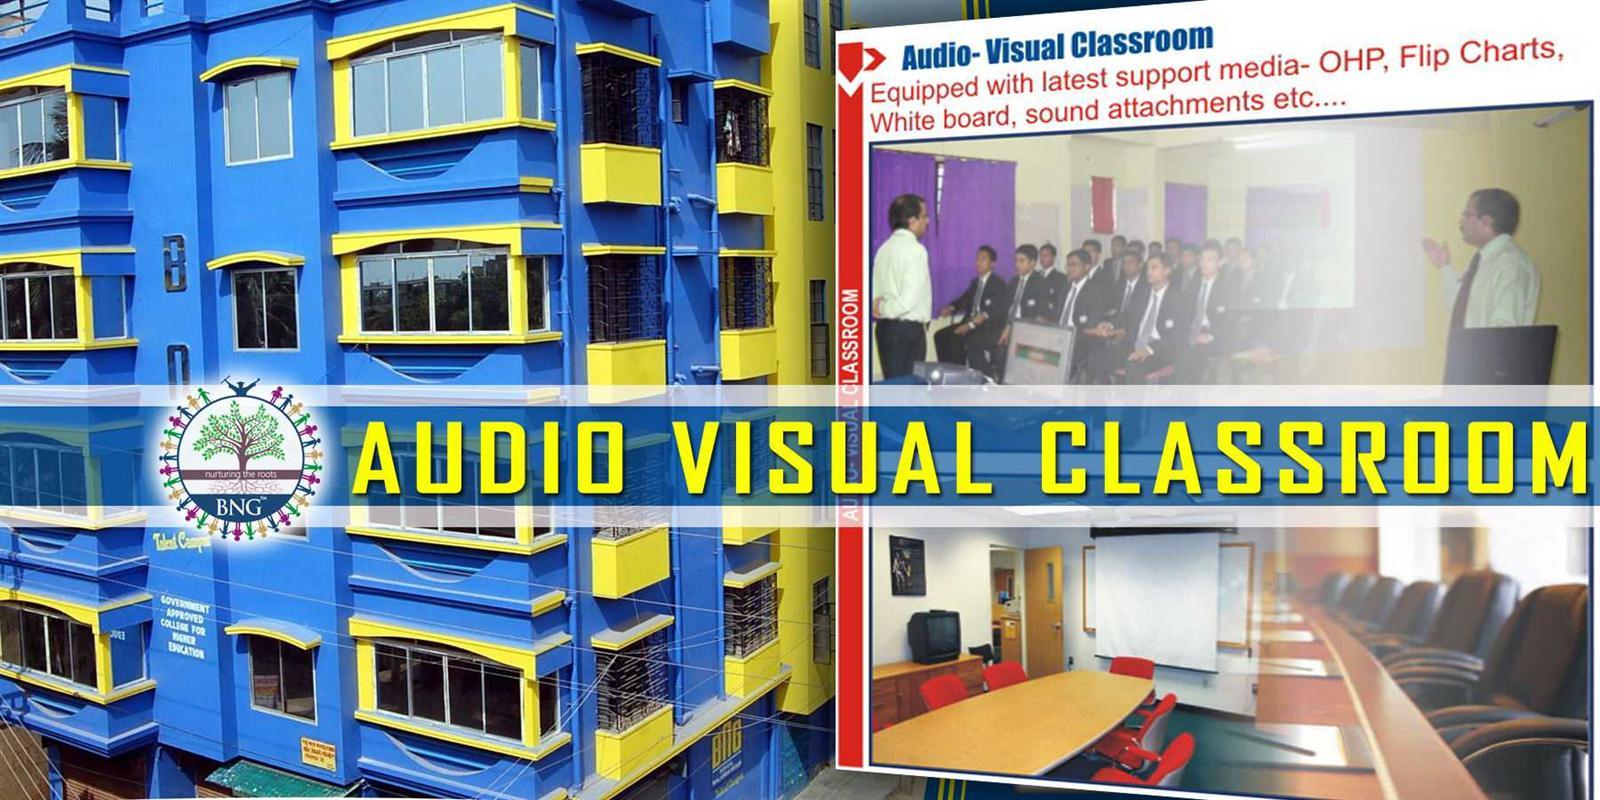 audio visual classroom of BNG Hotel management kolkata